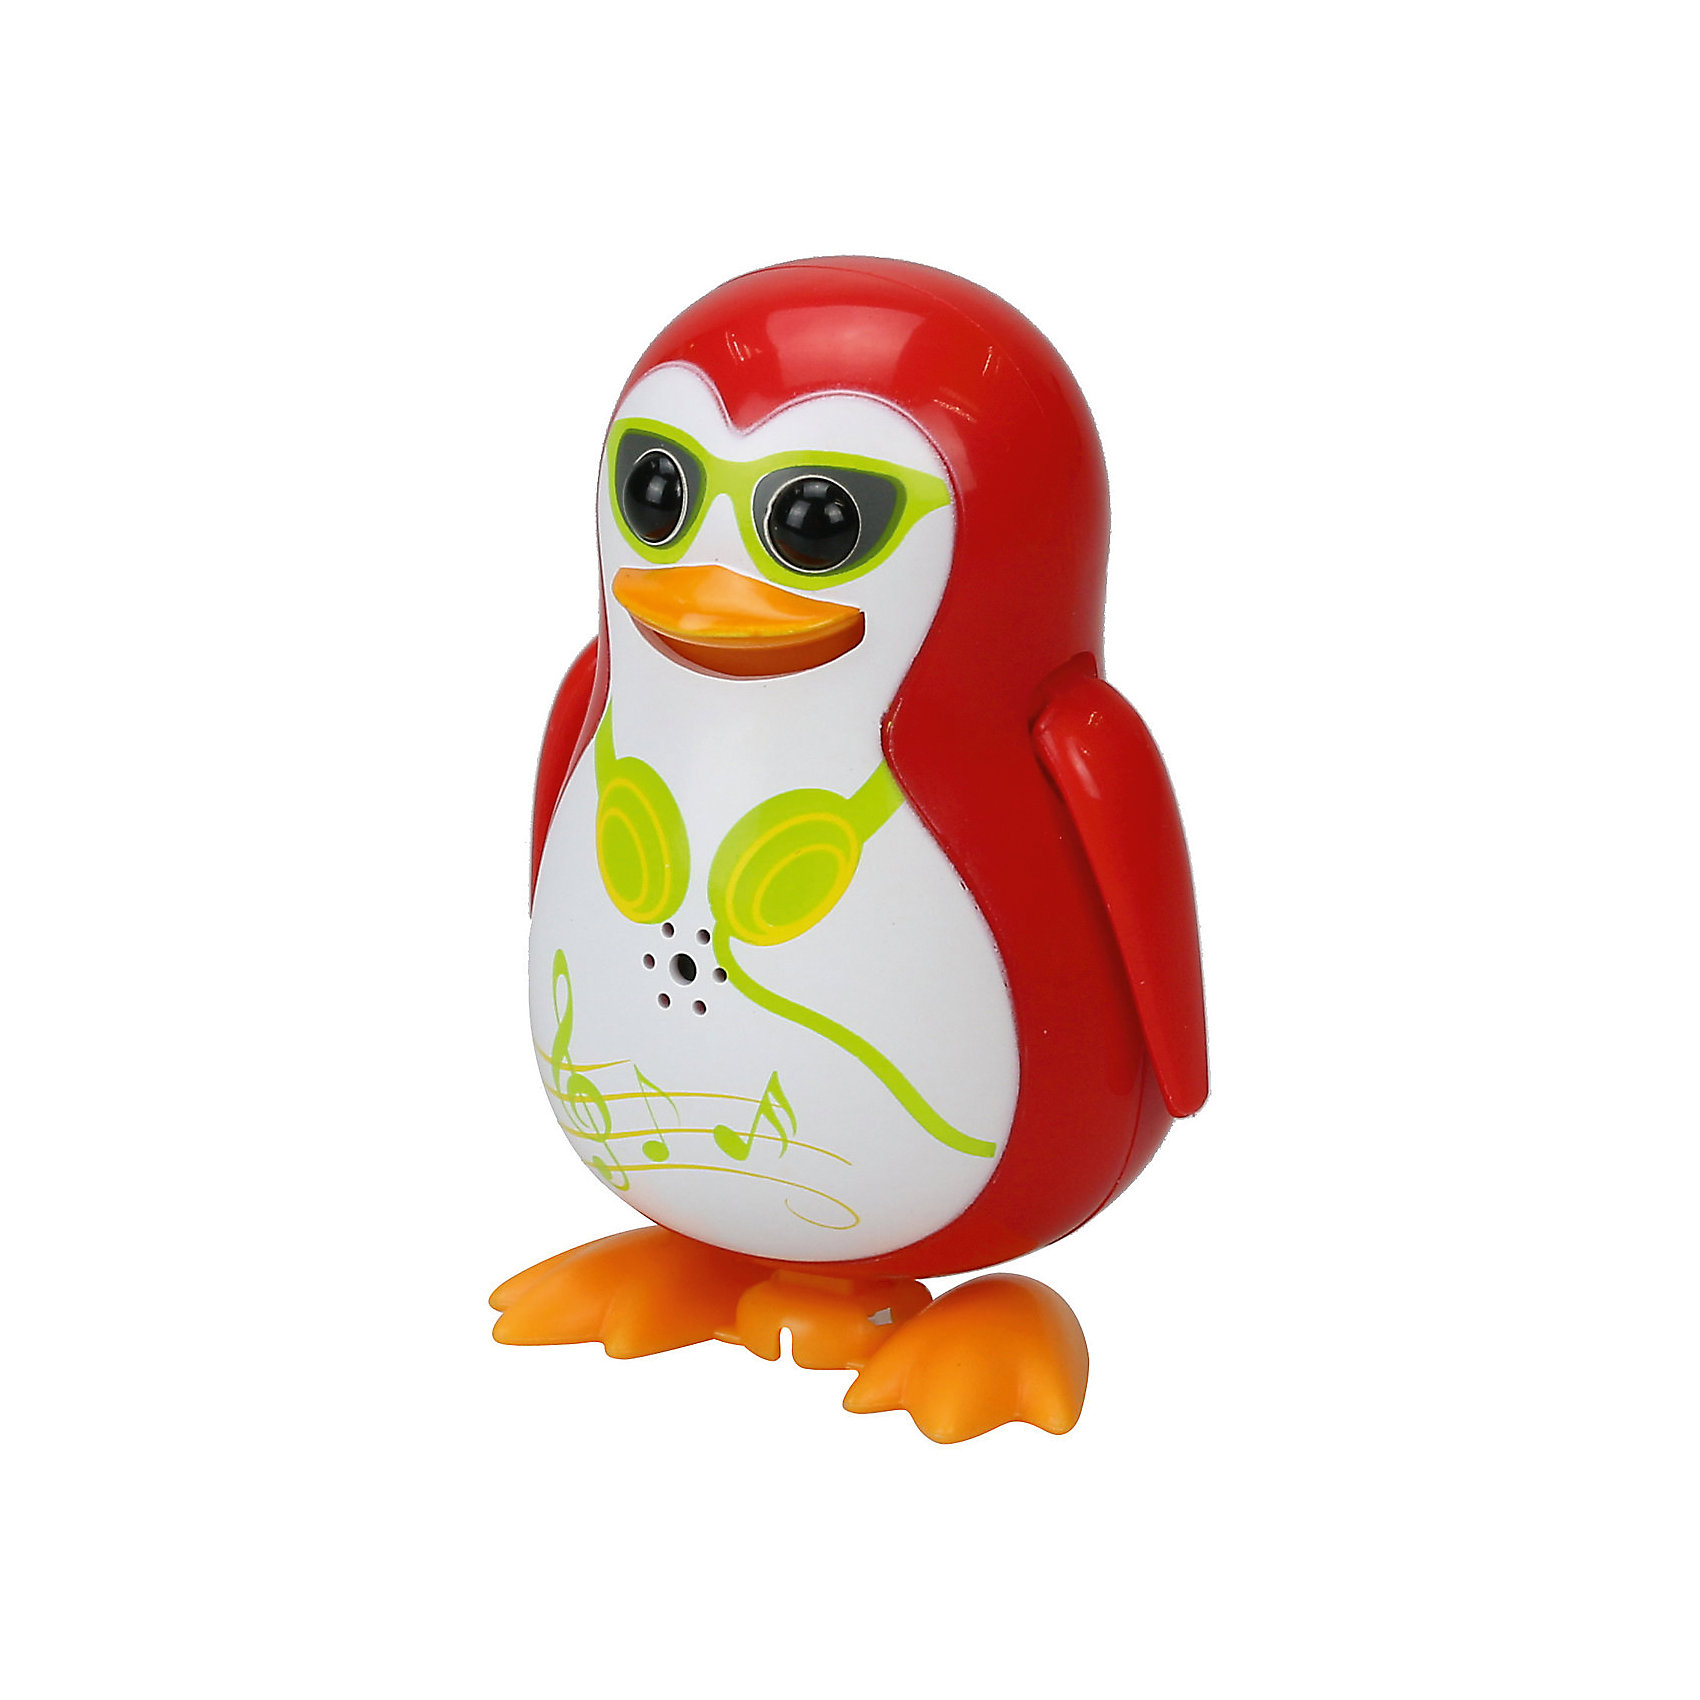 Поющий пингвин с кольцом, красный, DigiBirdsХарактеристики товара:<br><br>- цвет: красный;<br>- материал: пластик, металл;<br>- батарейки: 3xAG13/LR44, в комплекте;<br>- размер упаковки: 16x10x7 см;<br>- умеет петь, танцевать.<br><br>Такая игрушка в виде пингвина поможет ребенку весело проводить время - она умеет петь и танцевать. Это выглядит очень забавно! Игрушка реагирует на звук от специального свистка, который входит в комплект, или на дуновение. Также можно приобрести другие игрушки из этой серии - тогда они будут петь хором!<br>Пингвин способен помогать всестороннему развитию ребенка: развивать тактильное восприятие, мелкую моторику, воображение, внимание и логику. Изделие произведено из качественных материалов, безопасных для ребенка. Набор станет отличным подарком детям!<br><br>Игрушку Поющий пингвин с кольцом, красный от бренда DigiBirds можно купить в нашем интернет-магазине.<br><br>Ширина мм: 64<br>Глубина мм: 152<br>Высота мм: 102<br>Вес г: 91<br>Возраст от месяцев: 36<br>Возраст до месяцев: 2147483647<br>Пол: Женский<br>Возраст: Детский<br>SKU: 5156840